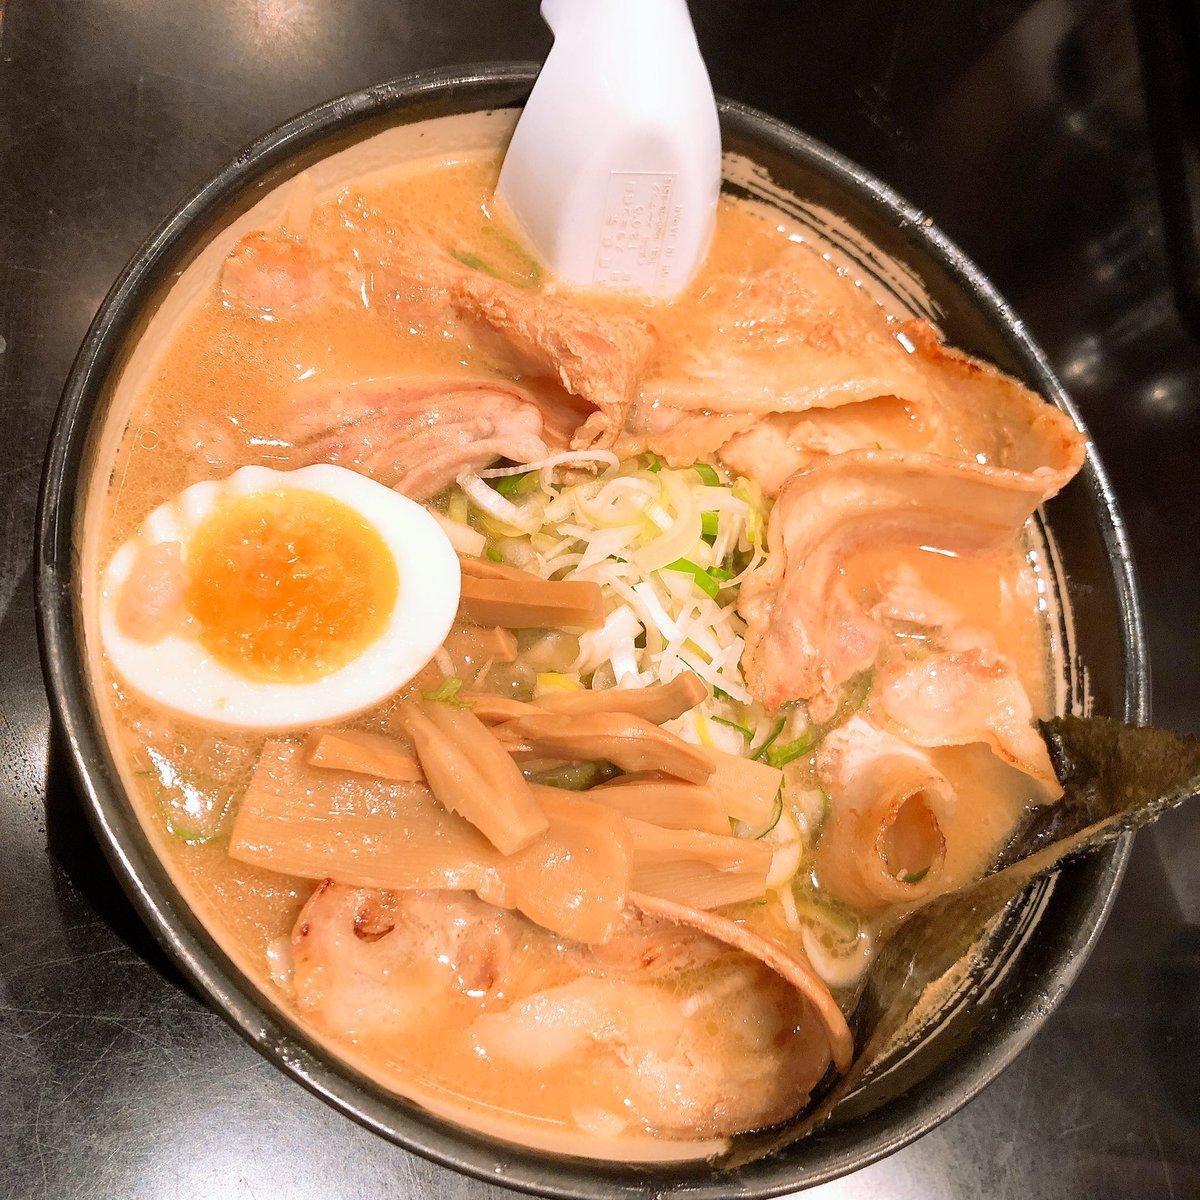 北海道初上陸✨北海道ラーメン道場のなかにある、あじさいさんのみそラーメン🍜🥰 お野菜たっぷりのスープが美味しすぎました✨ #北海道ラーメン道場 #ラーメン #あじさい